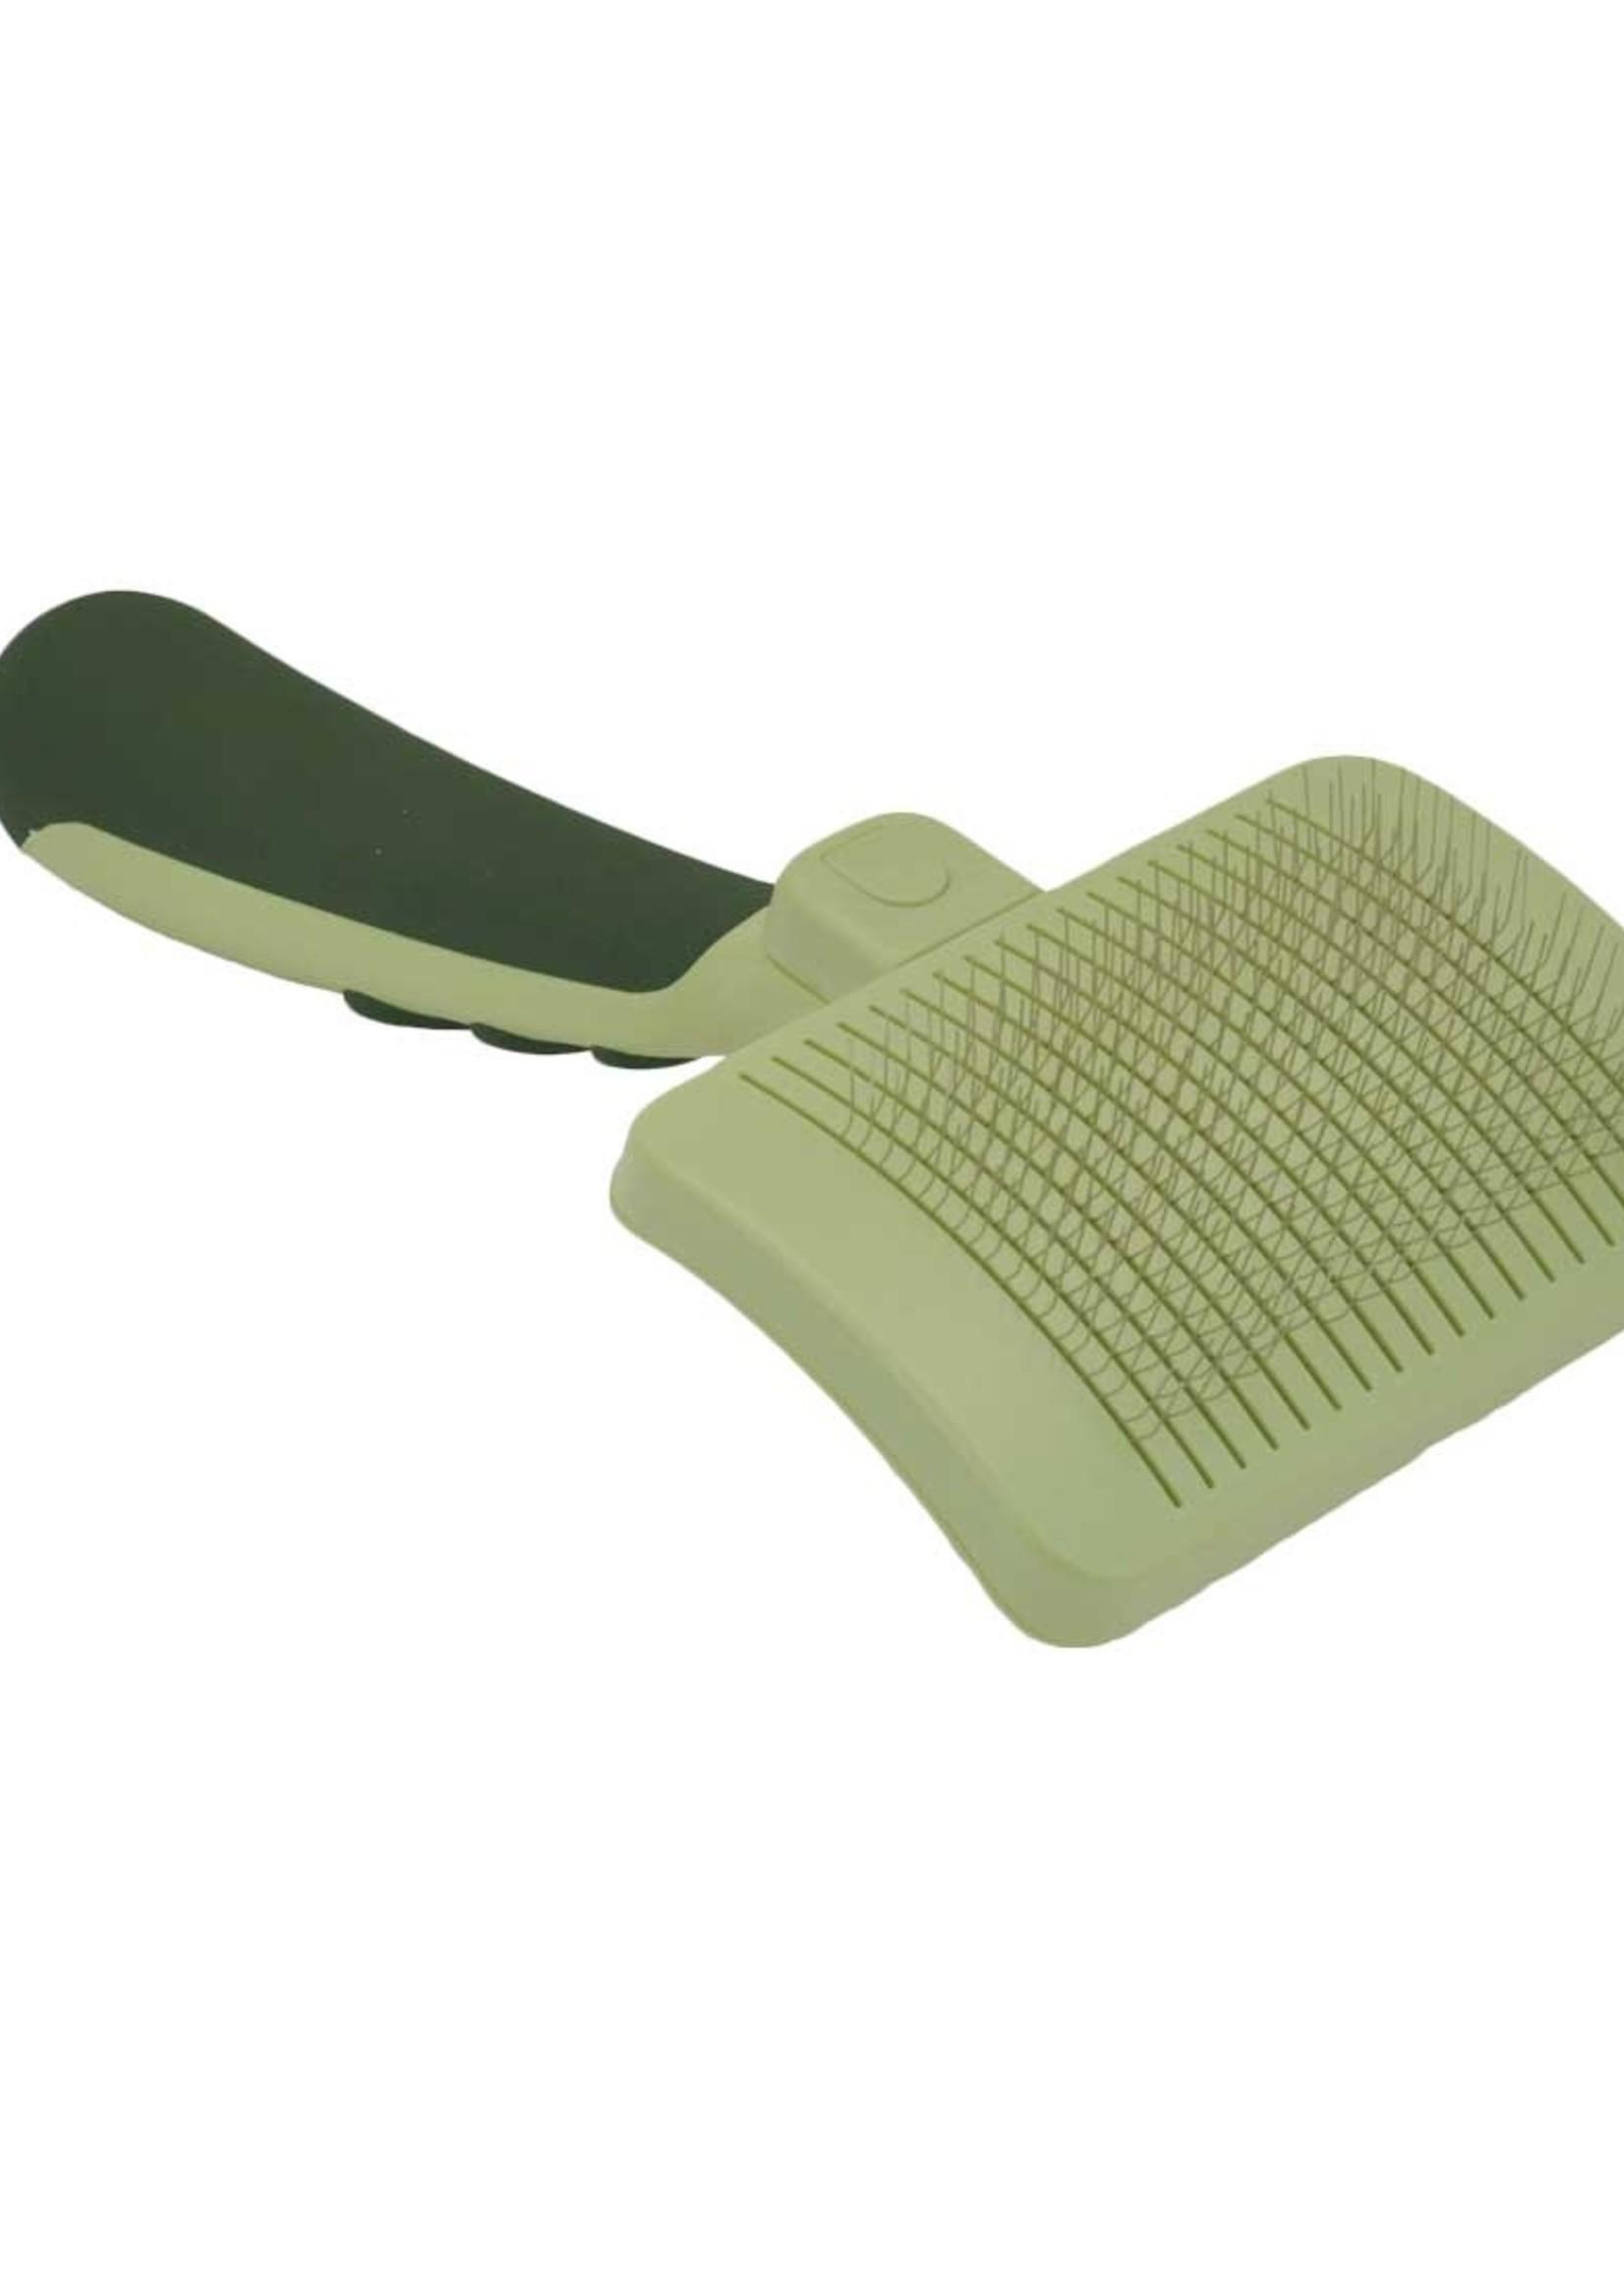 Safari® Safari Self-Cleaning Slicker Brush Large